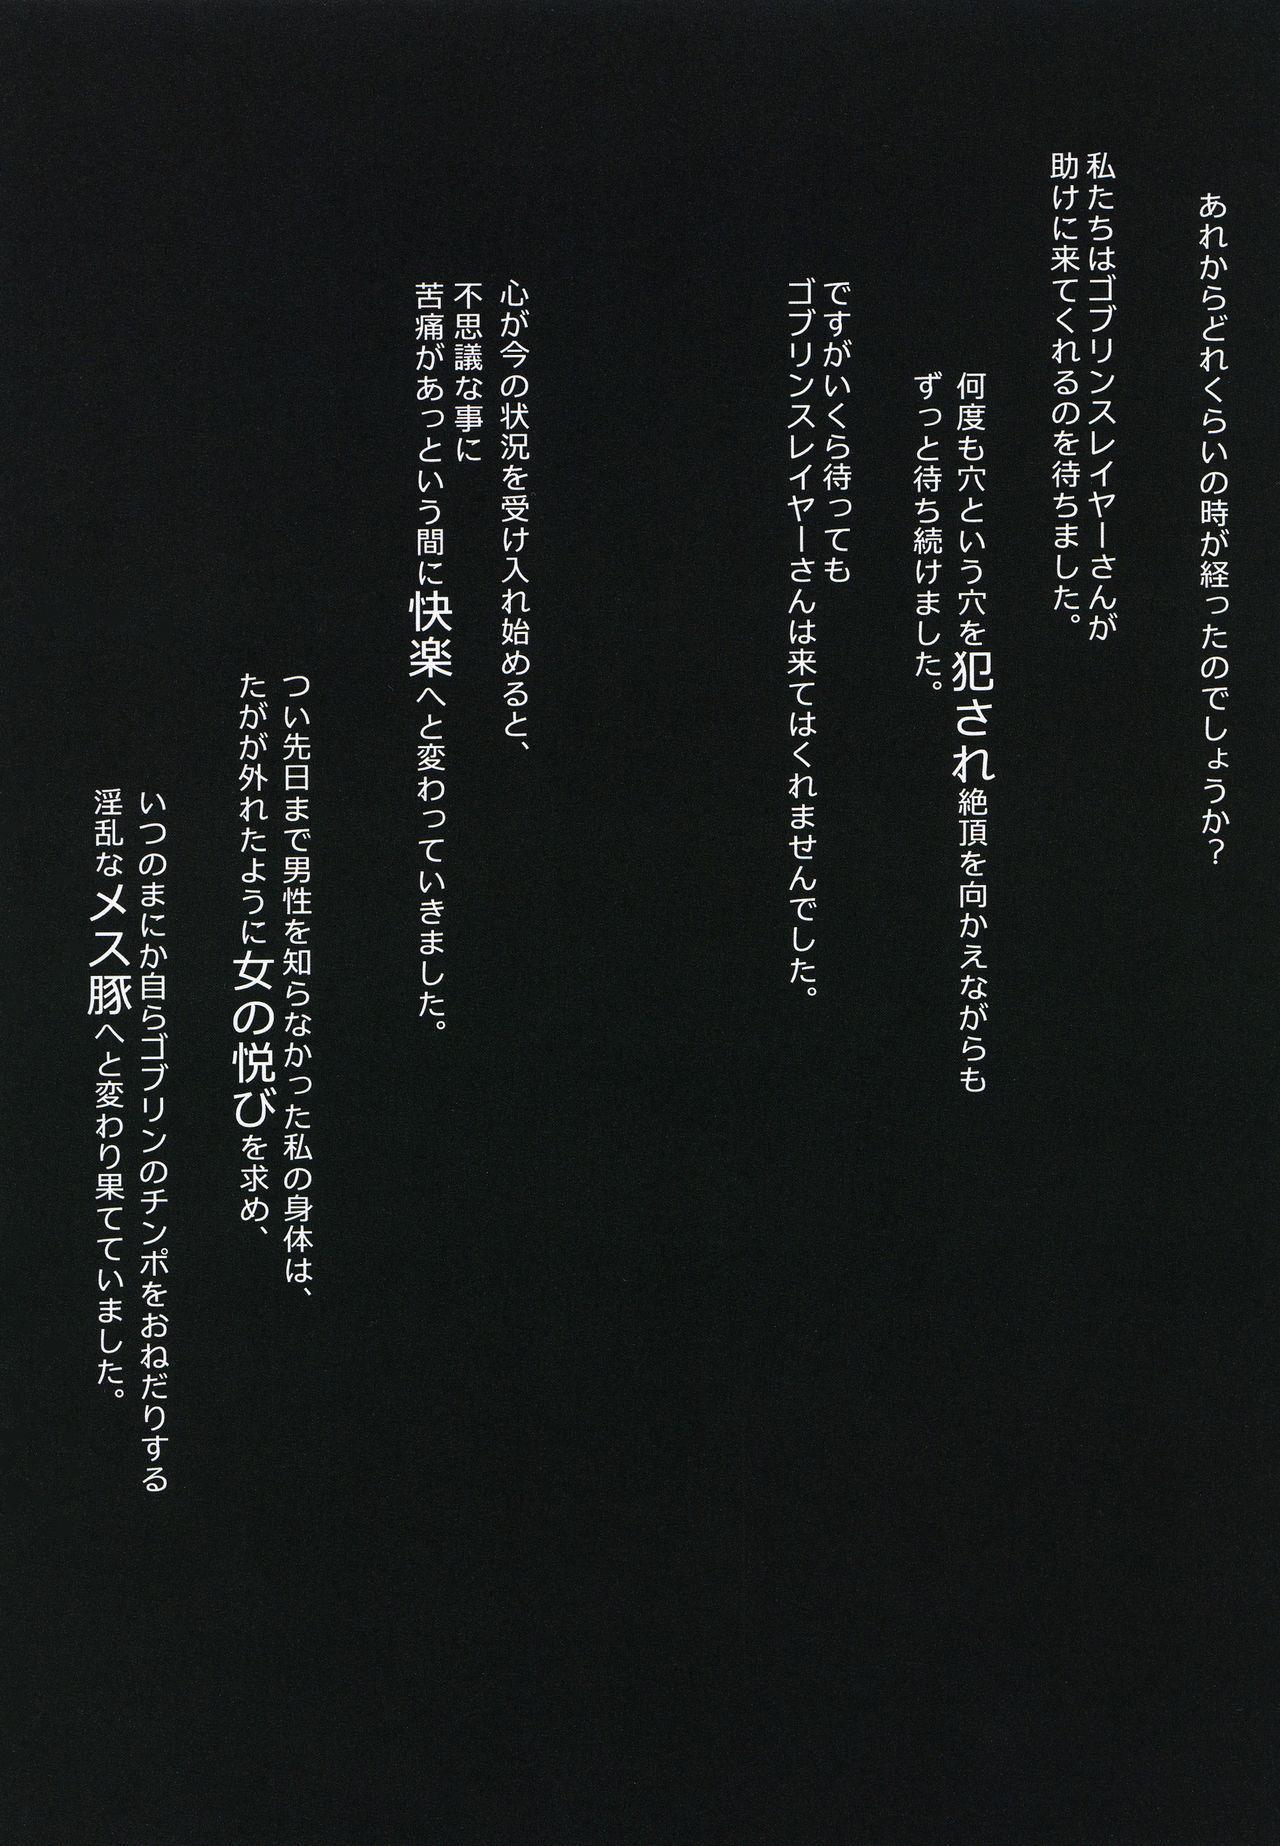 Haramibukuro END 9